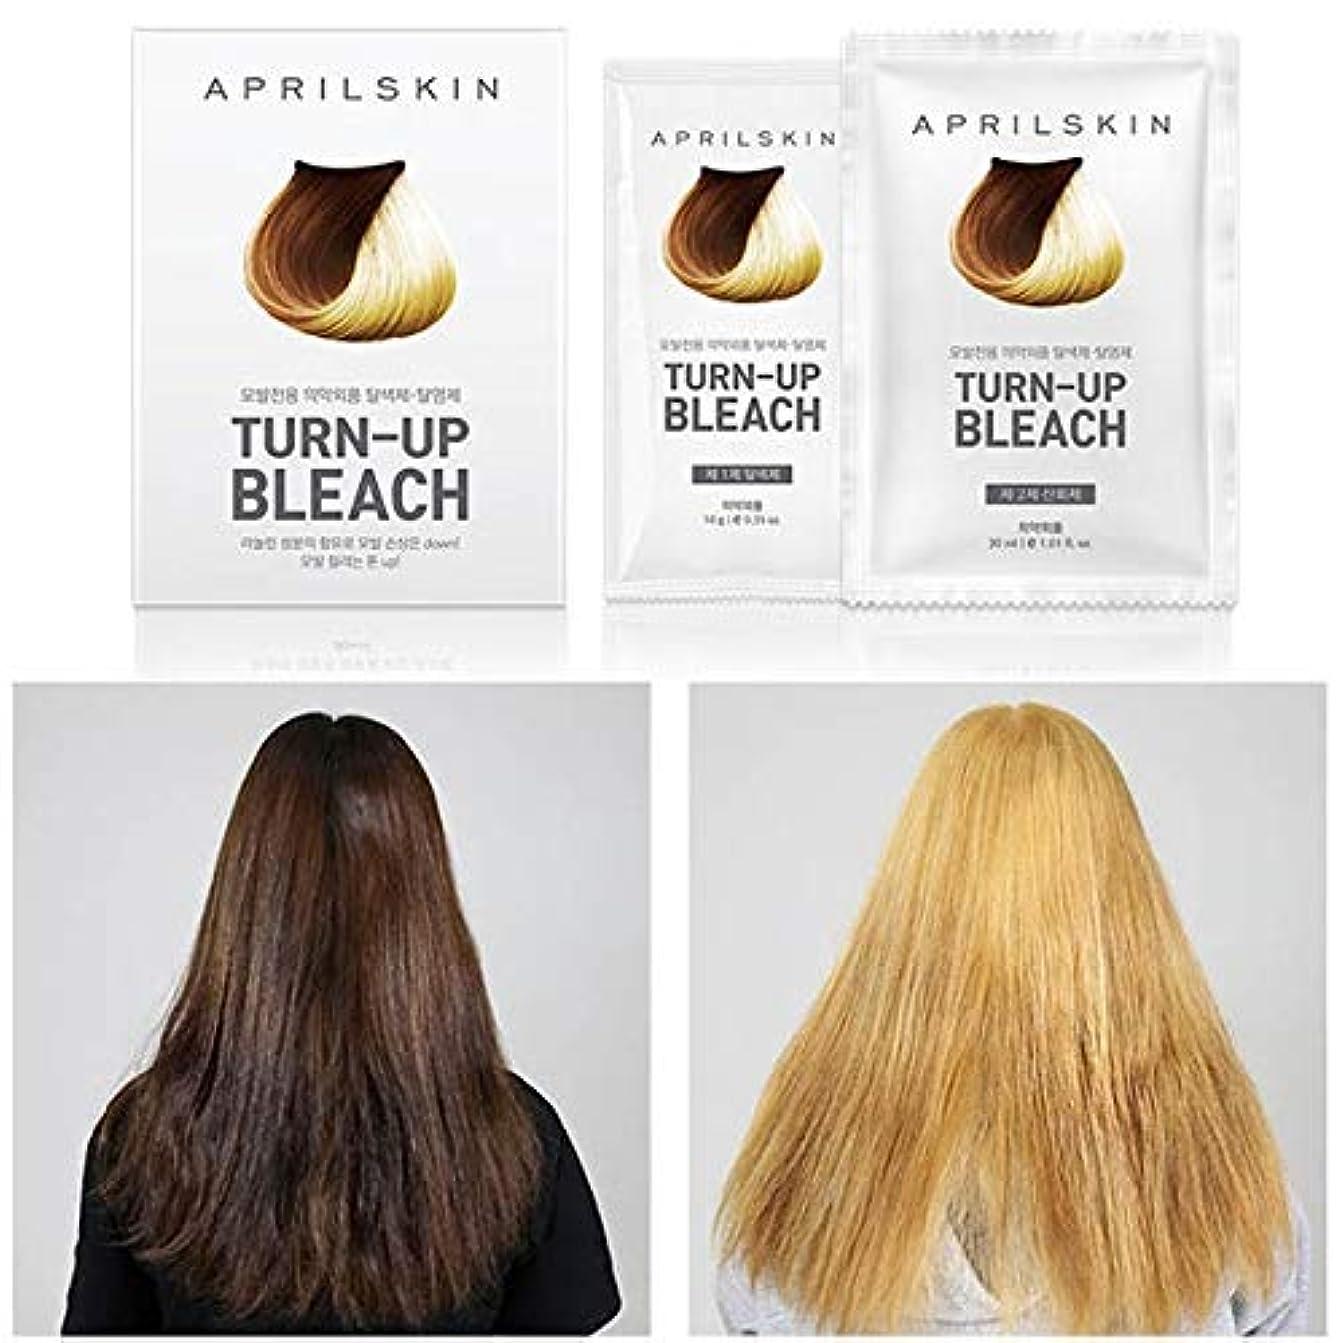 成り立つコンベンションワインエープリル?スキン [韓国コスメ April Skin] 漂白ブリーチ(ヘアブリーチ)Turn Up Bleach (Hair Bleach)/Korea Cosmetics